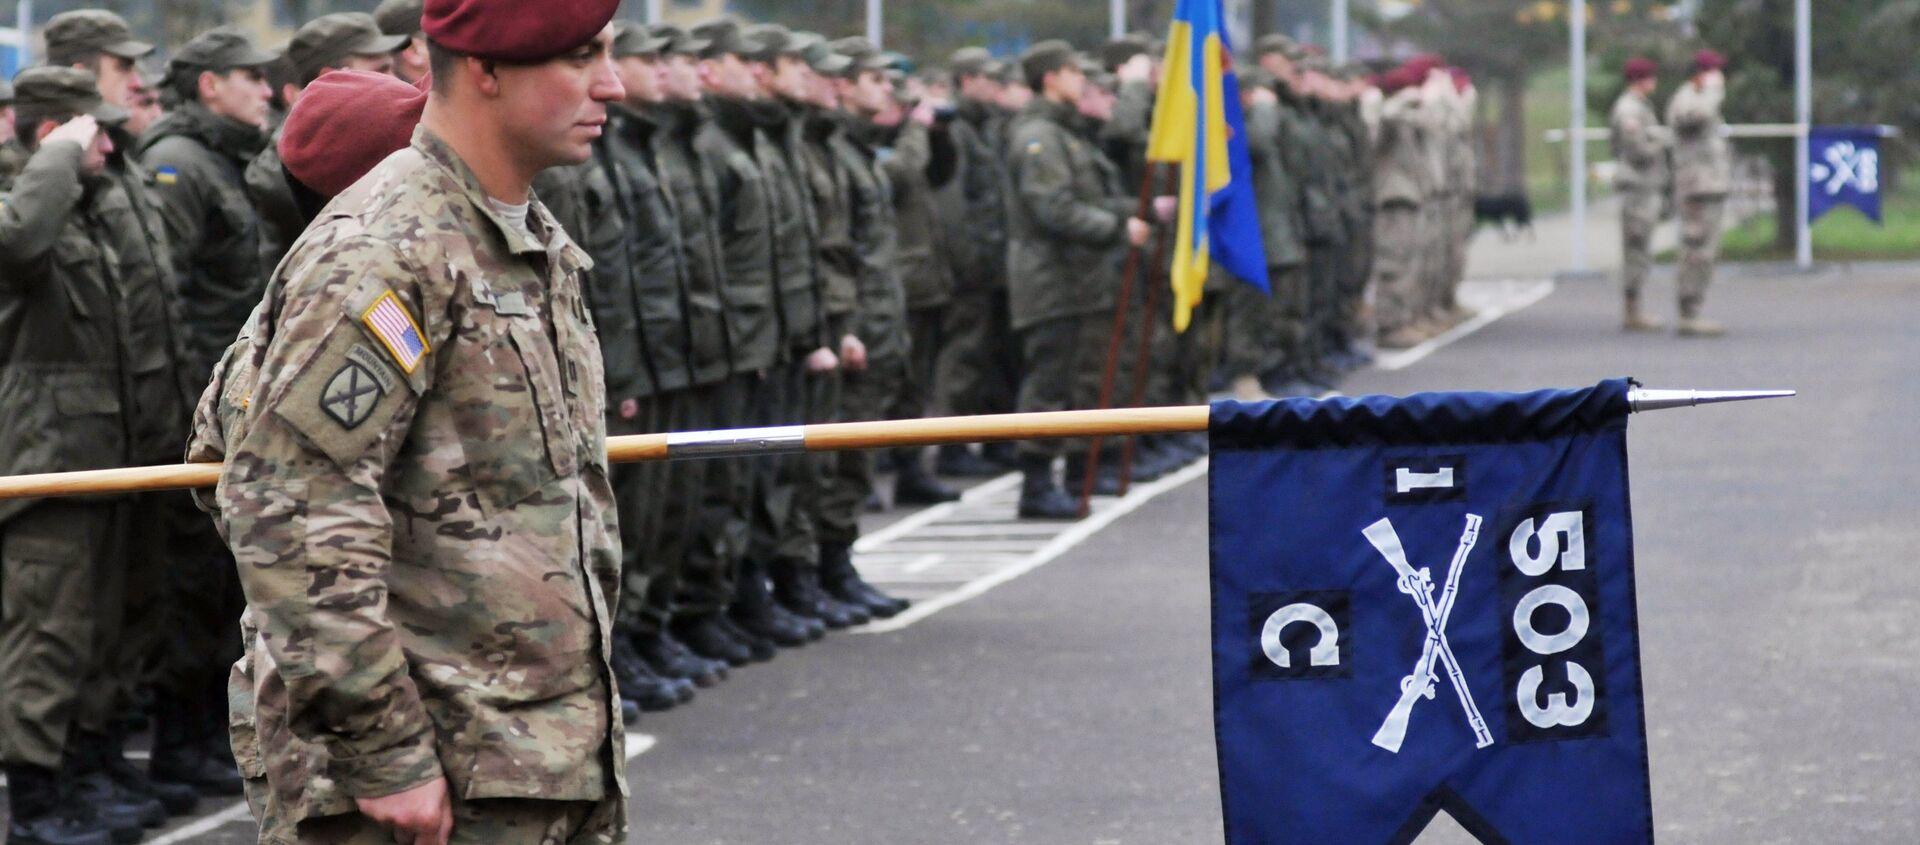 'Korkusuz Gardiyan' adlı tatbikat kapsamında Amerikan askerleri, Lviv'de Ukrayna Ulusal Tugayı'na bağlı birlikleri eğitiyor. - Sputnik Türkiye, 1920, 27.06.2021